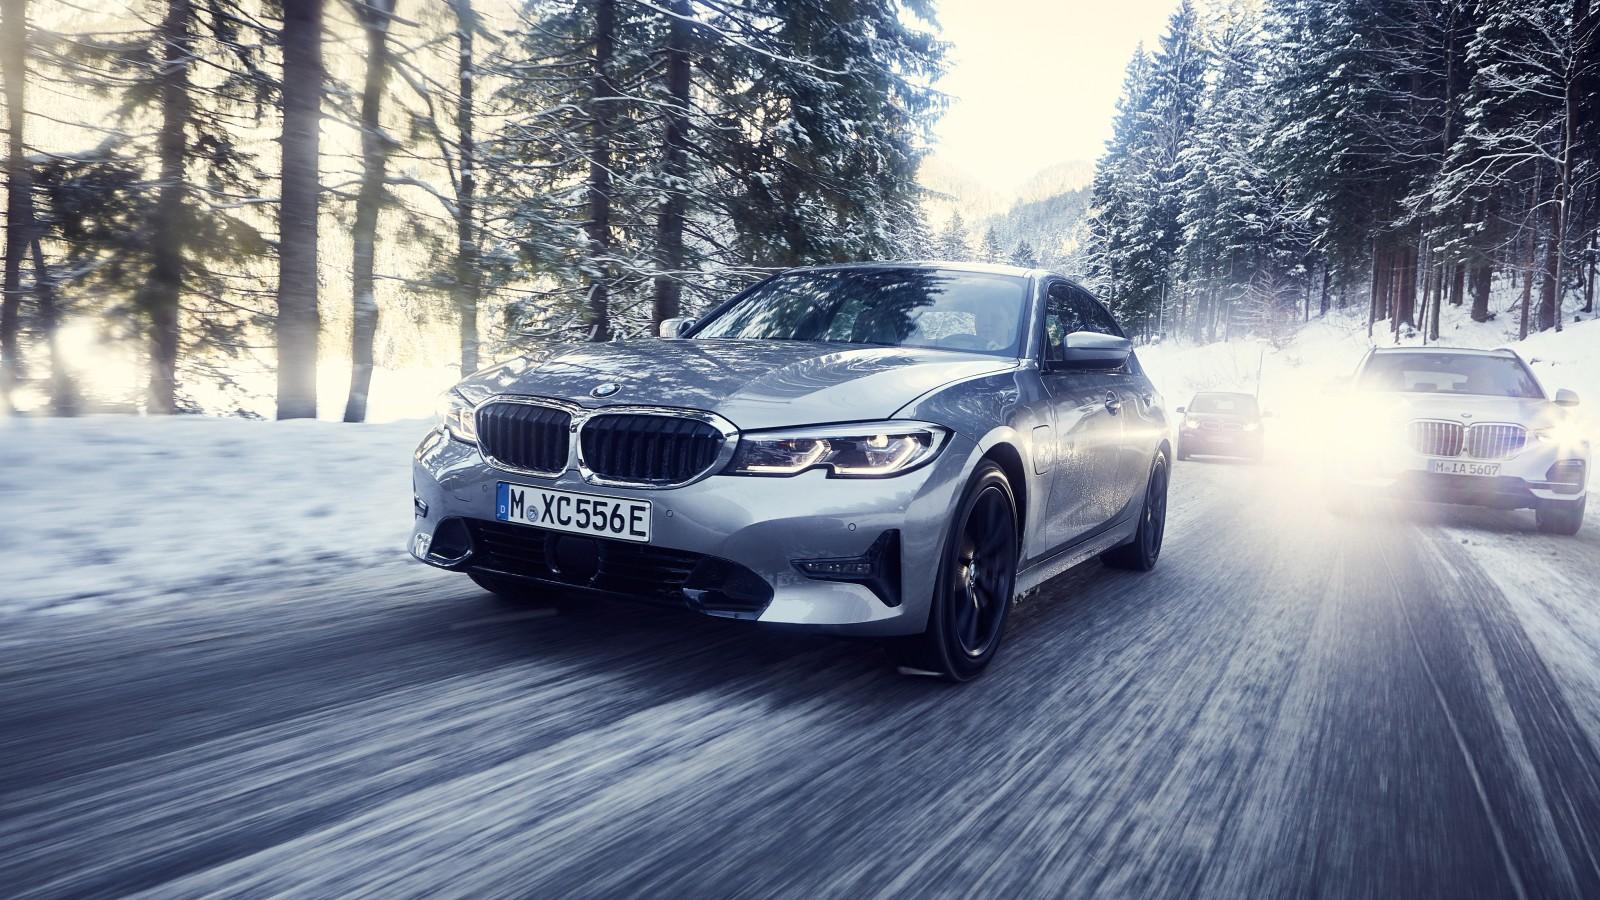 BMW 330e 2019 4K Wallpaper